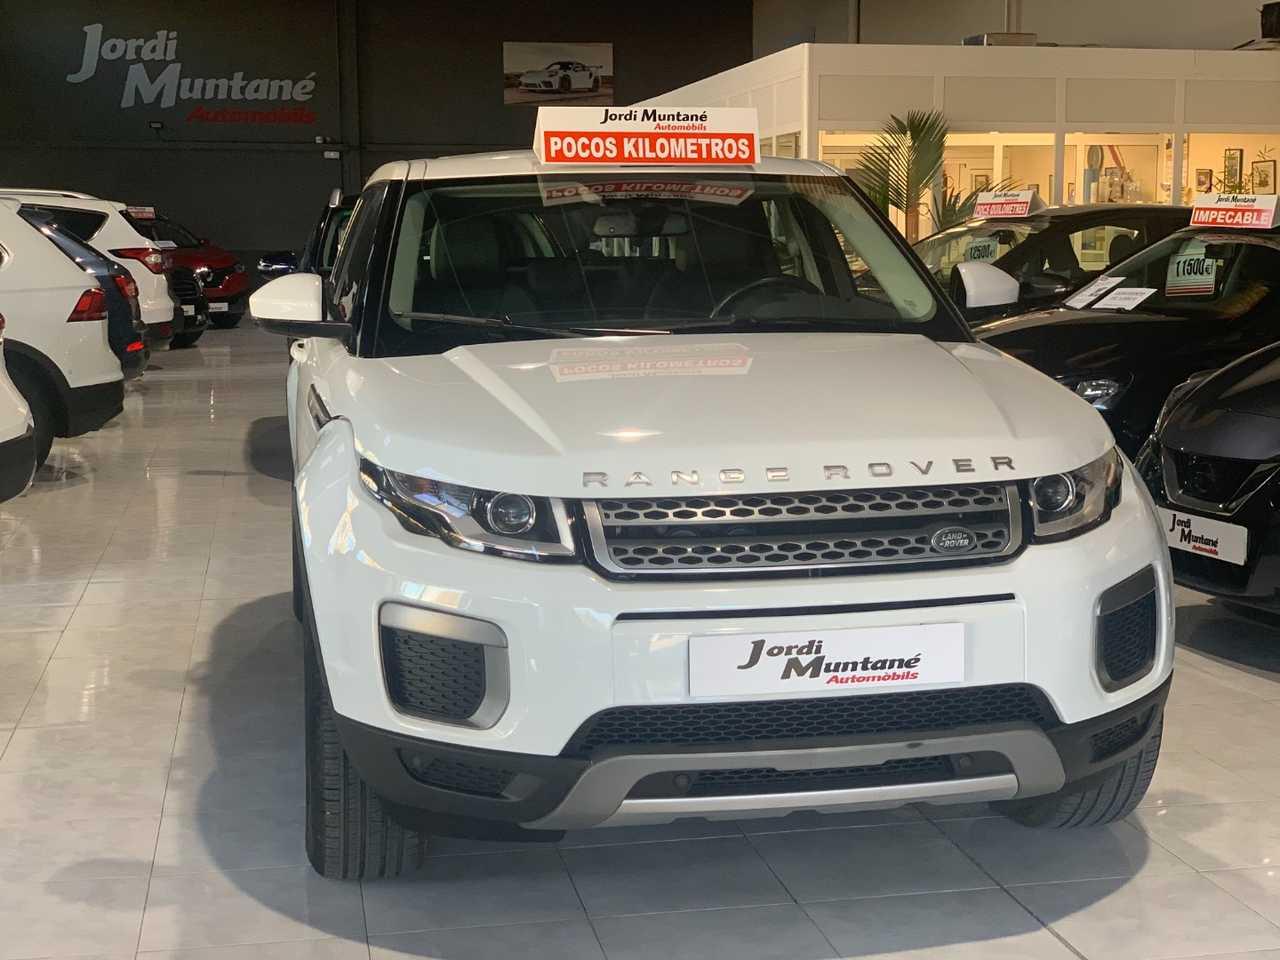 Land-Rover Range Rover Evoque Dynamic 2.0 ED4 SE 2WD 150cv -. '' SOLO 38.221KM '' .-    - Foto 1